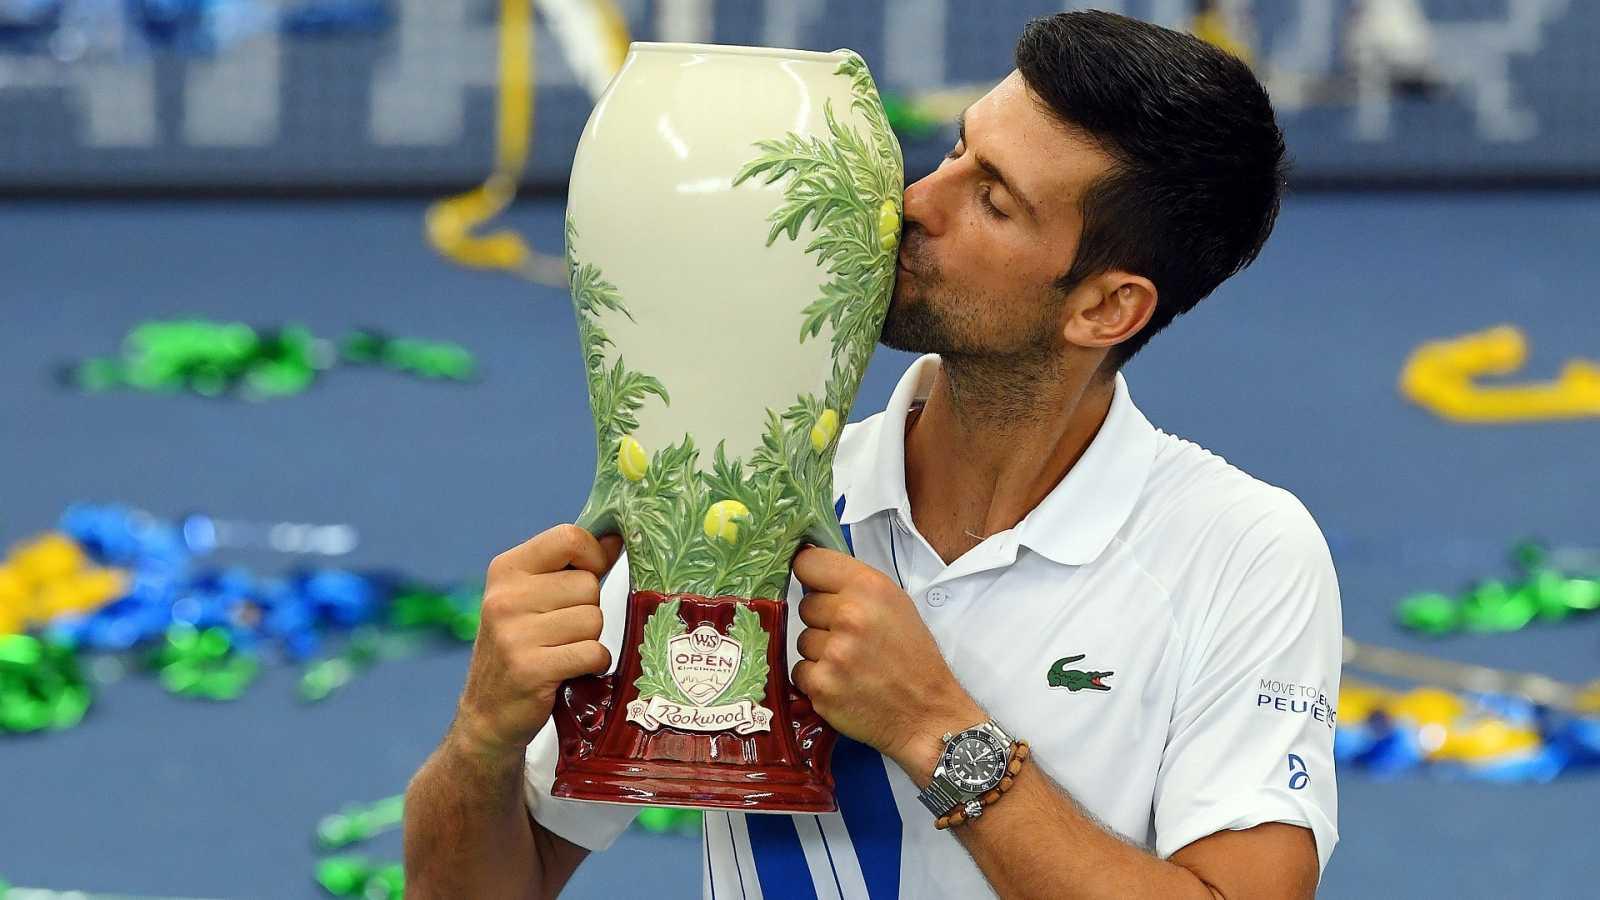 El tenista Novak Djokovic posa con el trofeo del Masters 1000 de Cincinnati